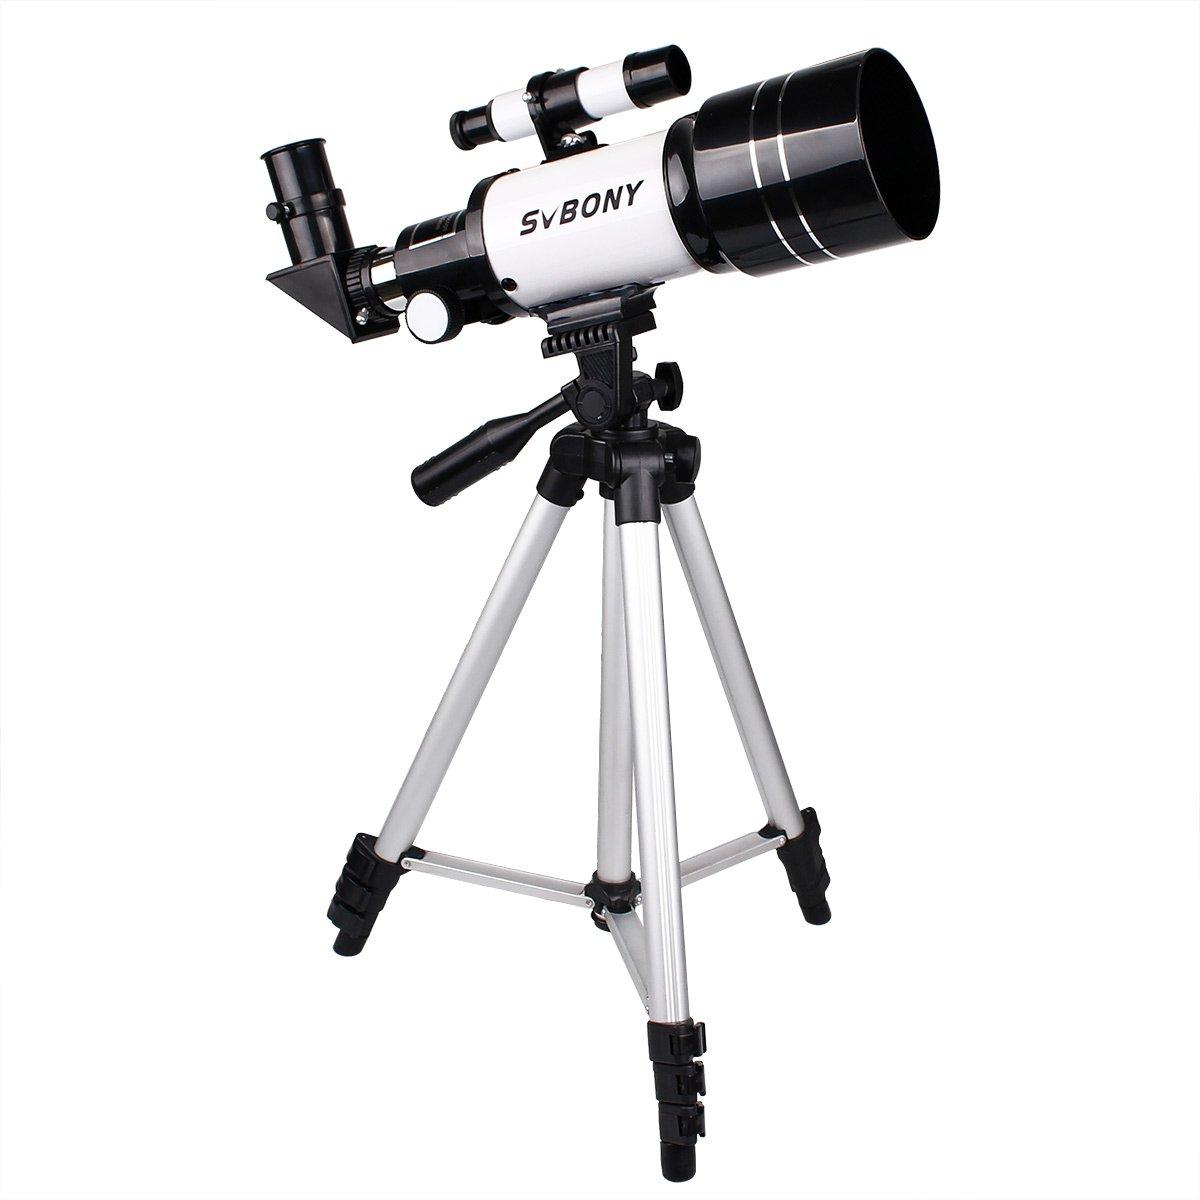 Svbony Telescopio Astron¨®mico de 70mm Refractivo Terrestre y Astron¨®mico (300mm) con TR¨ªpode para Astr¨®nomos y Ni?os Ideal para los Principantes EUF9313B